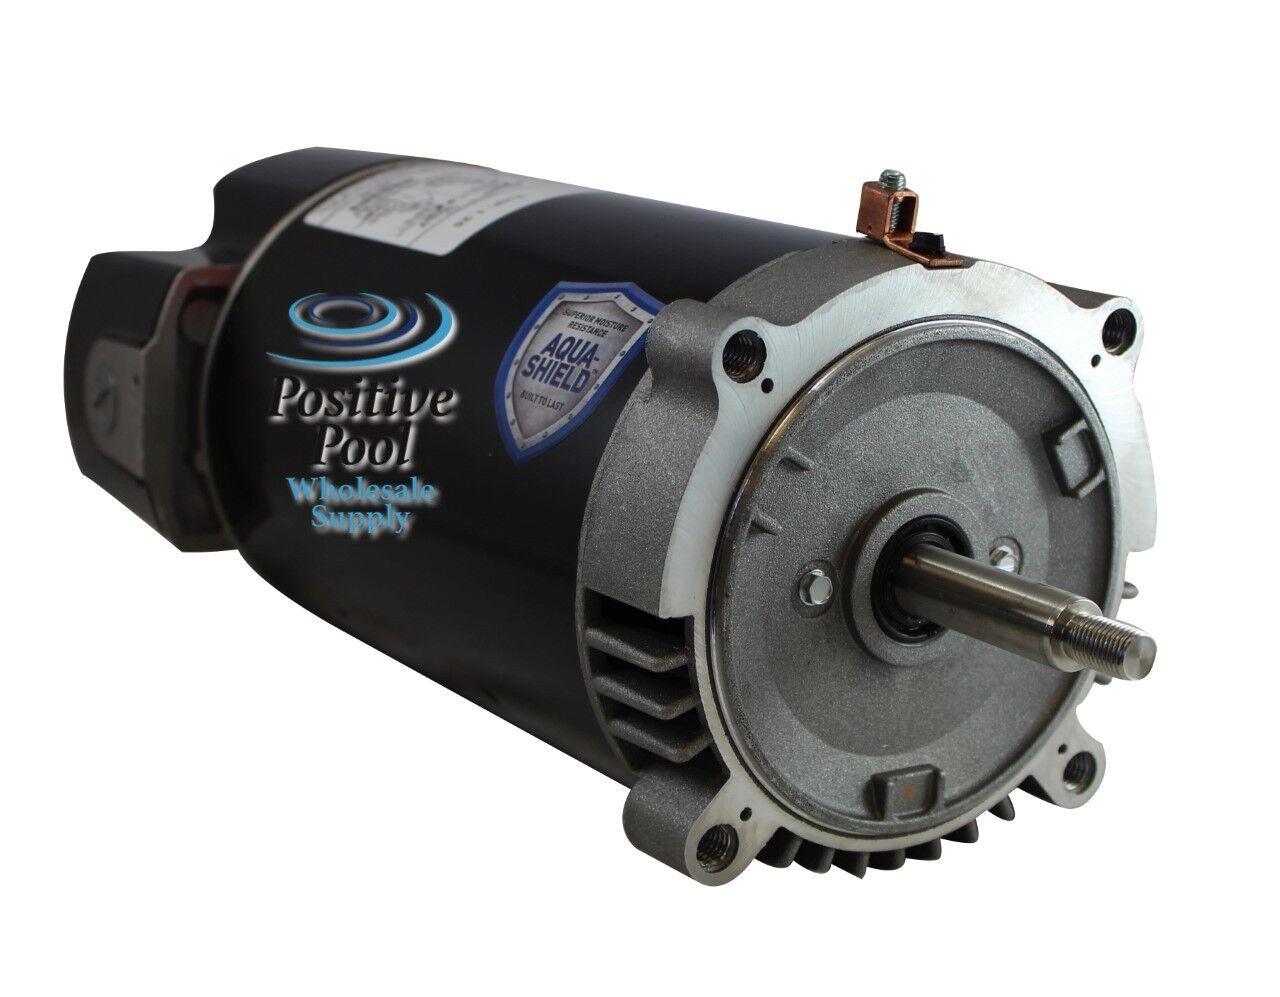 Emerson us motors ast165 1 5 hp pool pump motor hayward for Inground pool pump motor